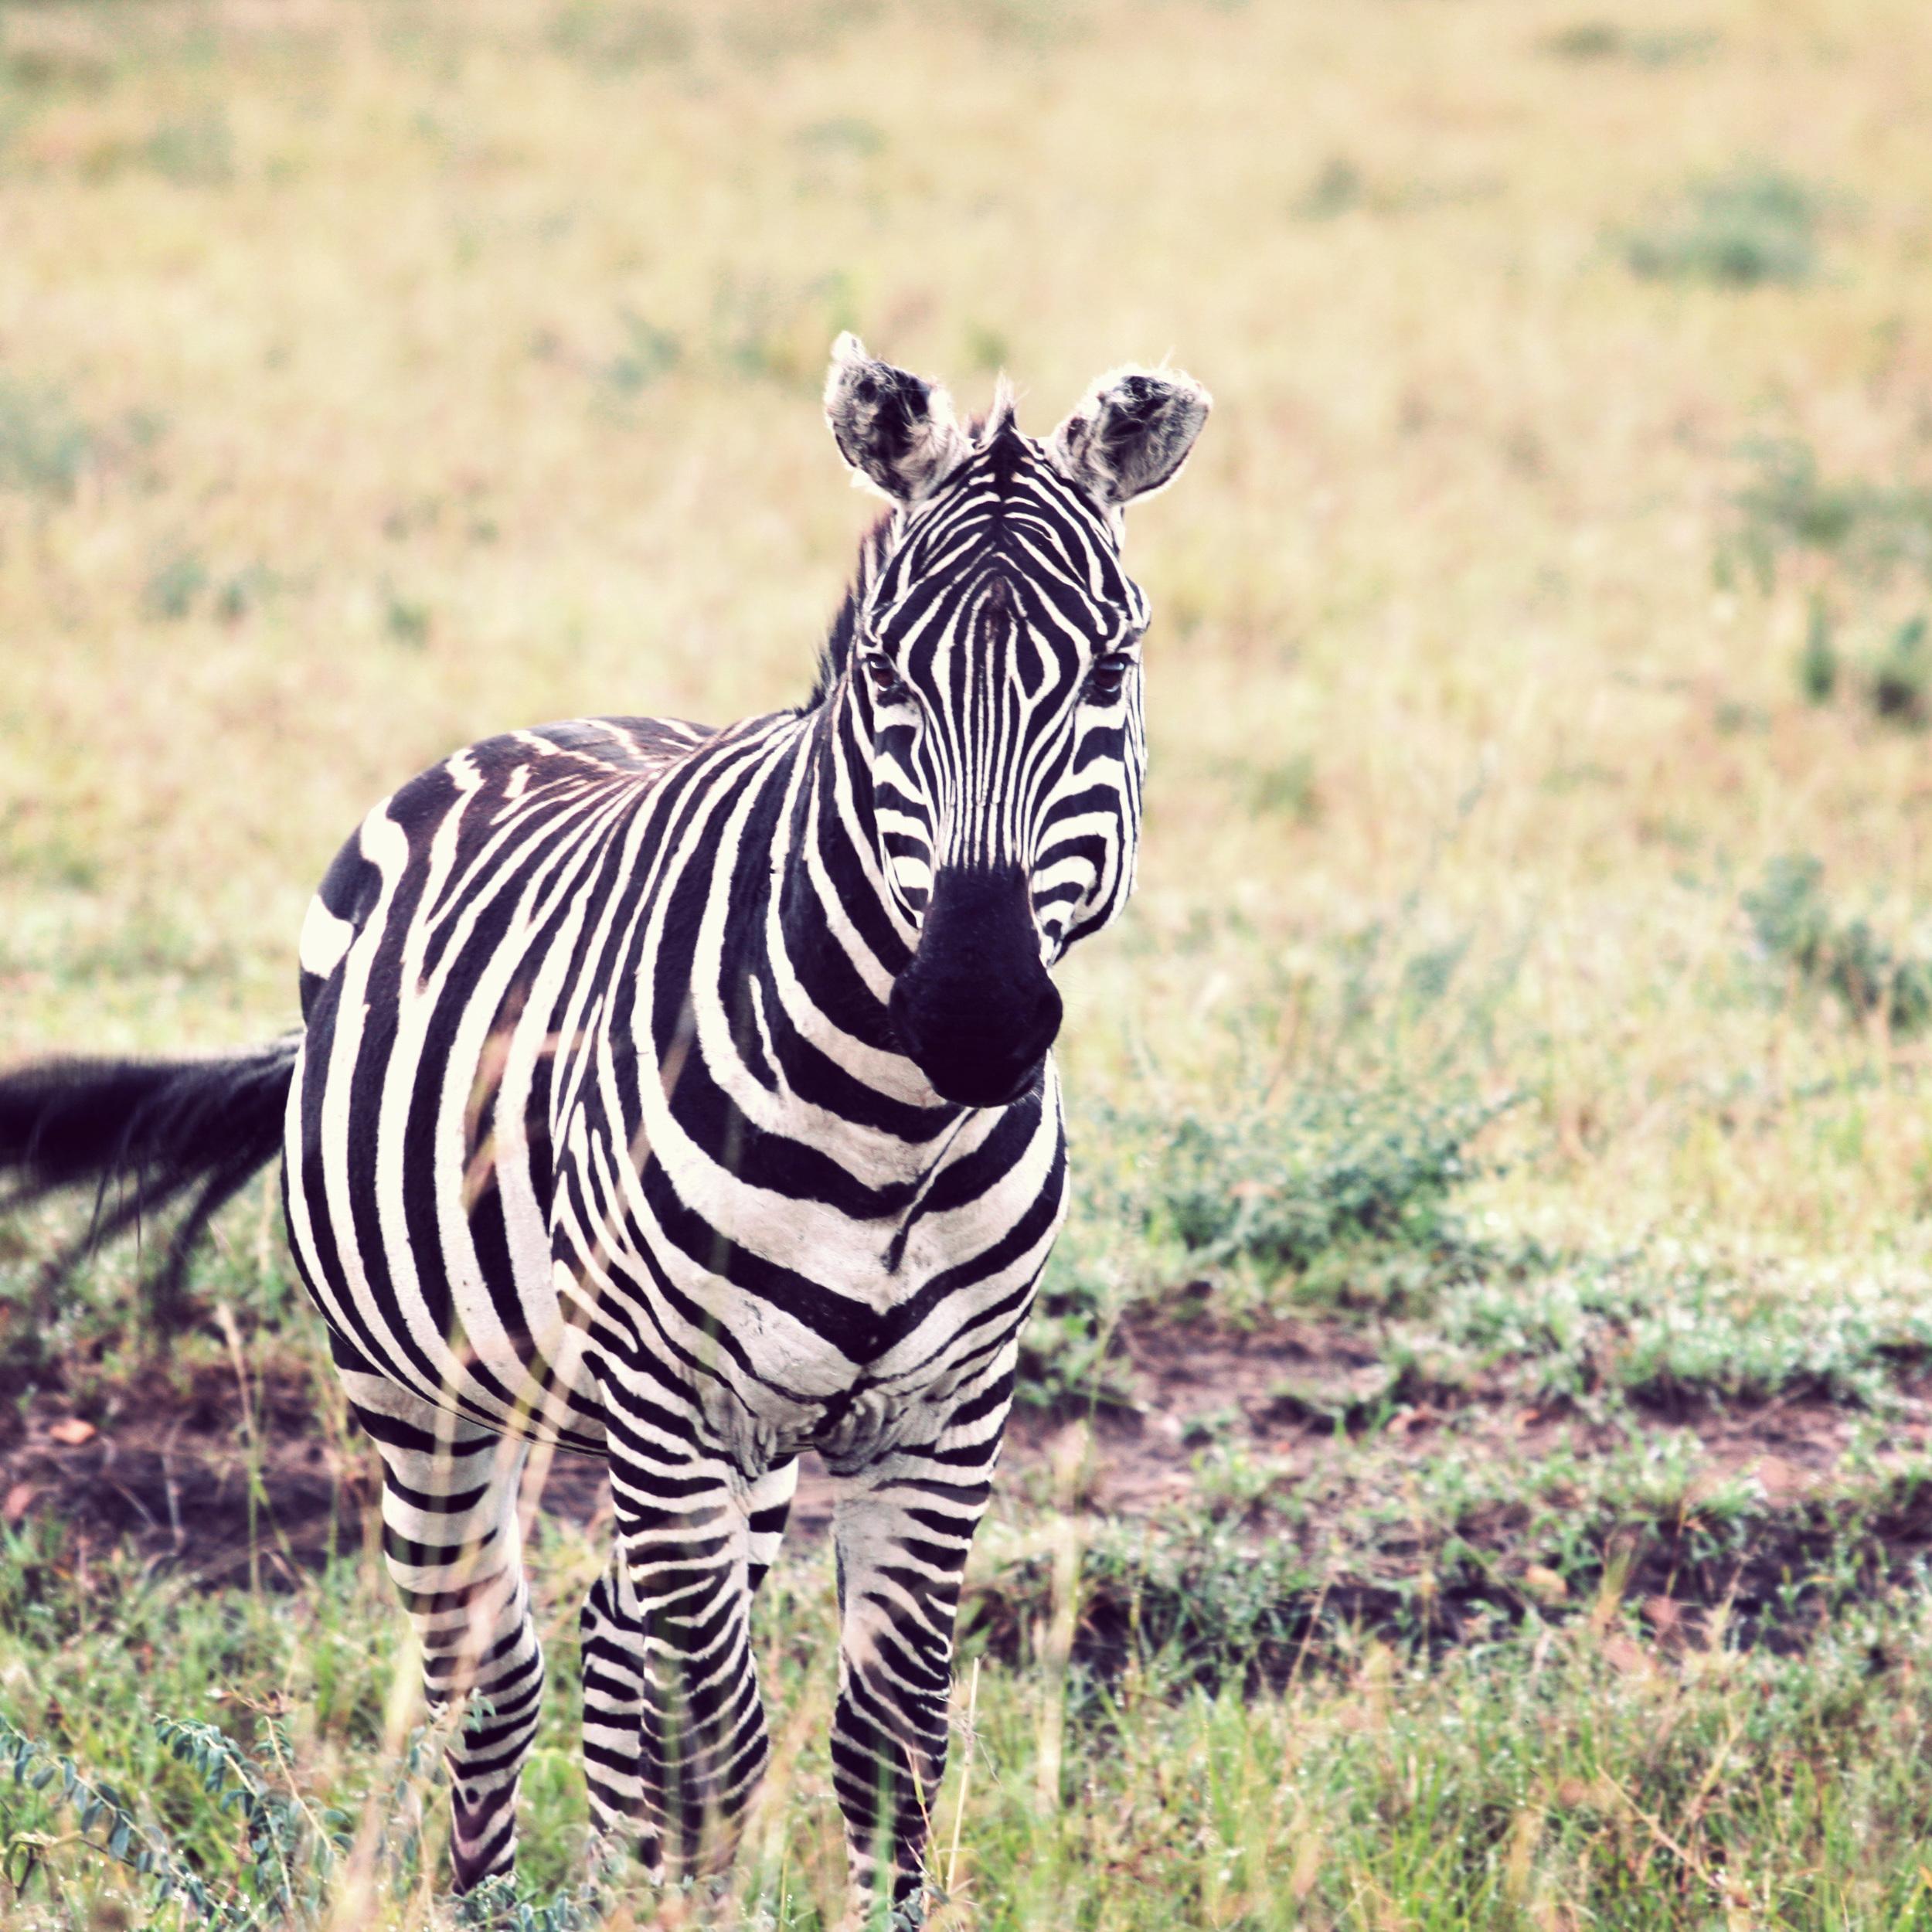 My zebra portrait